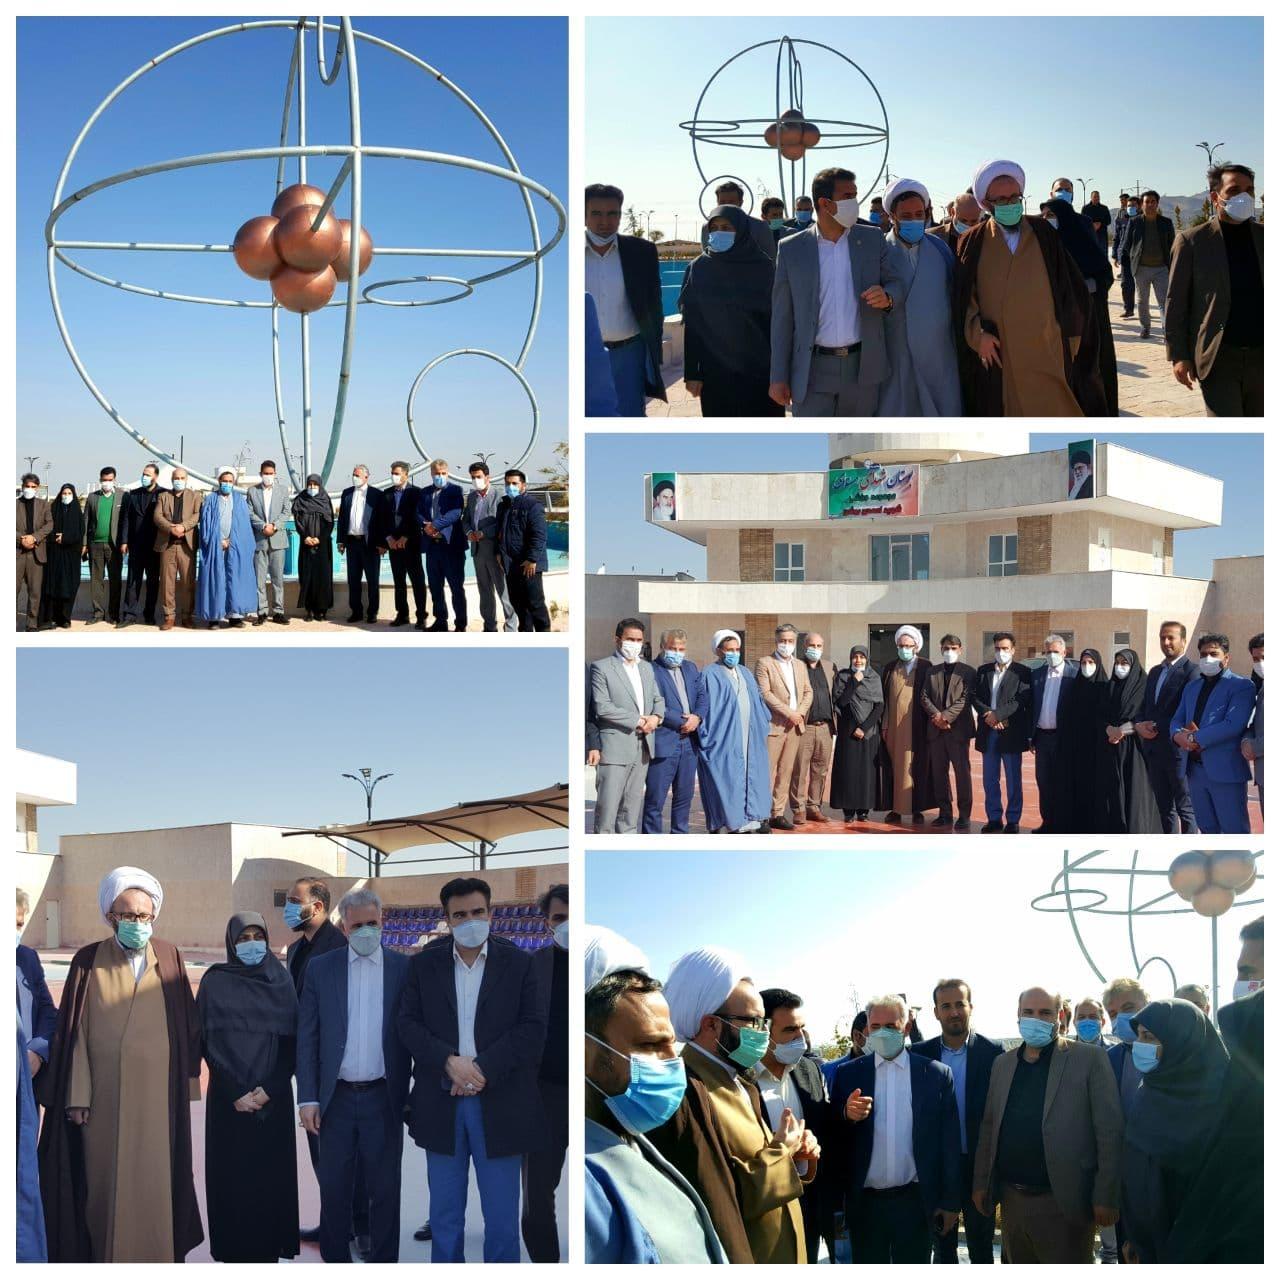 رئیس شورای اسلامی استان تهران بوستان شهدای هسته ای پرند؛ پروژه ای فاخر و شاخص در استان تهران است